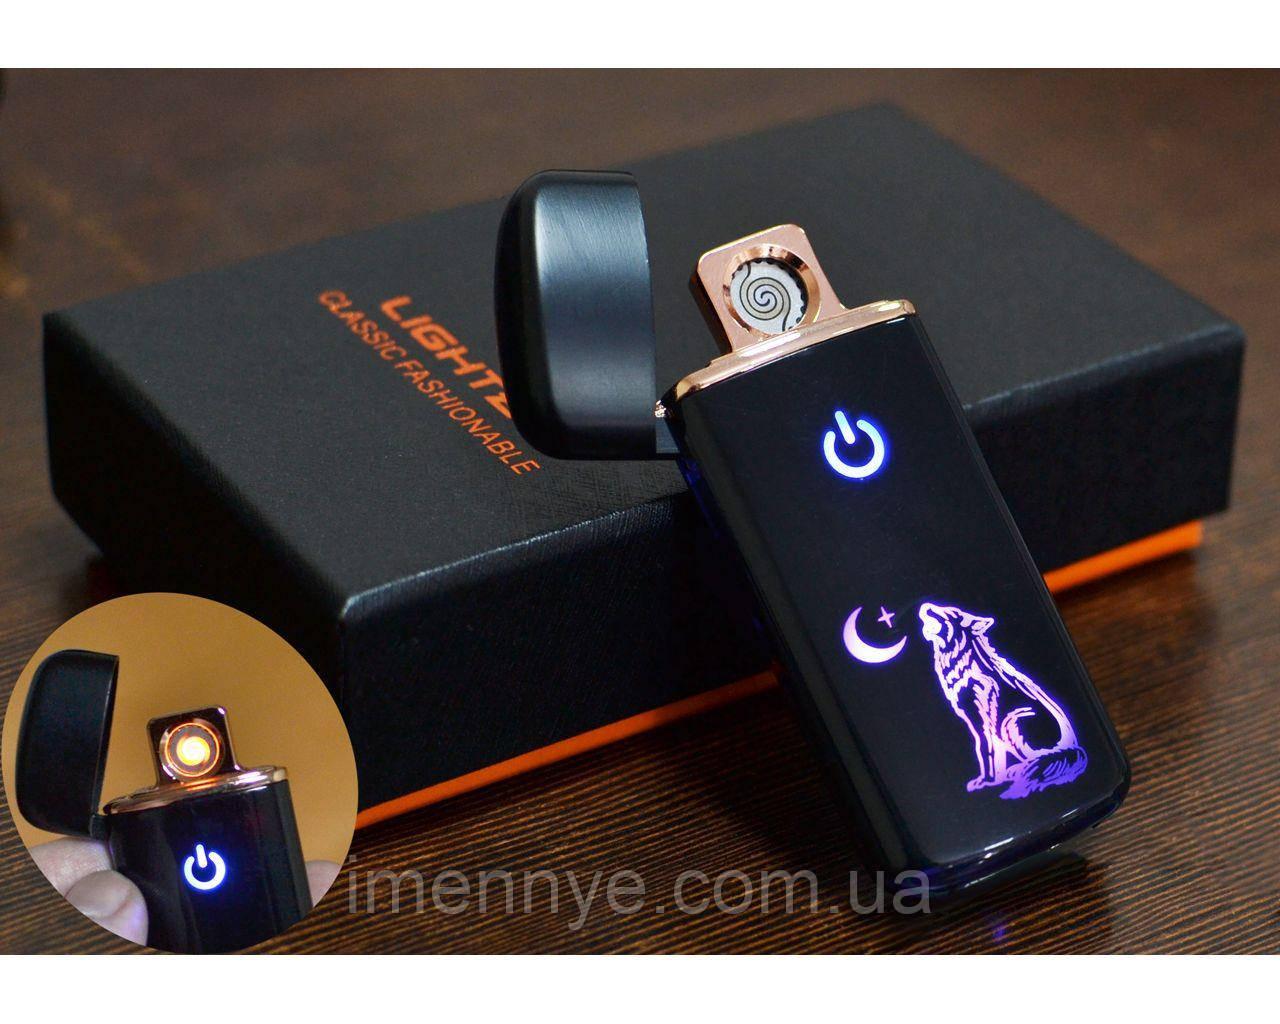 Именная USB зажигалка в подарочной коробке